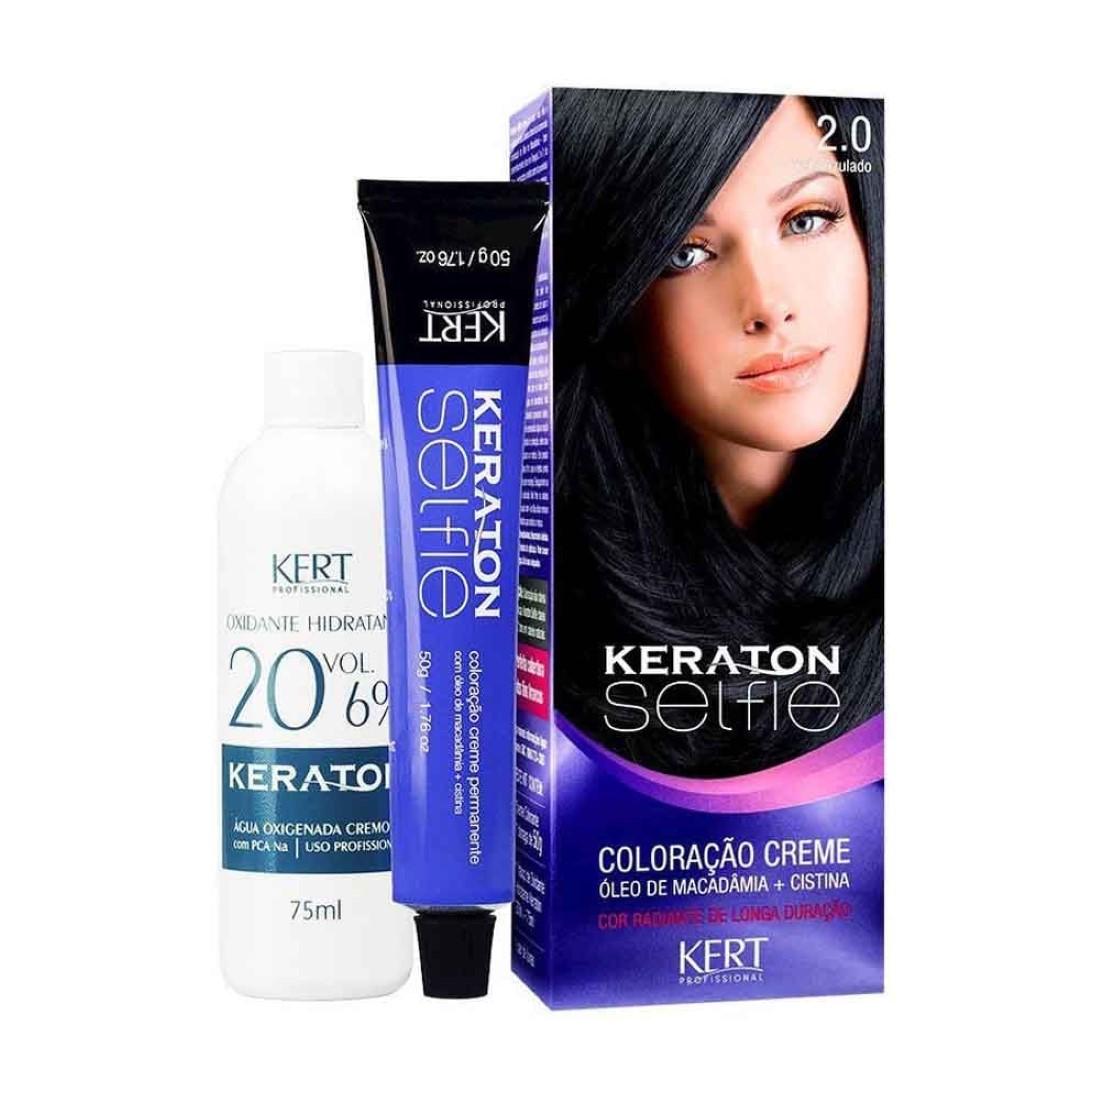 Coloração Keraton Selfie 2.0 Preto Azulado - Kert Profissional